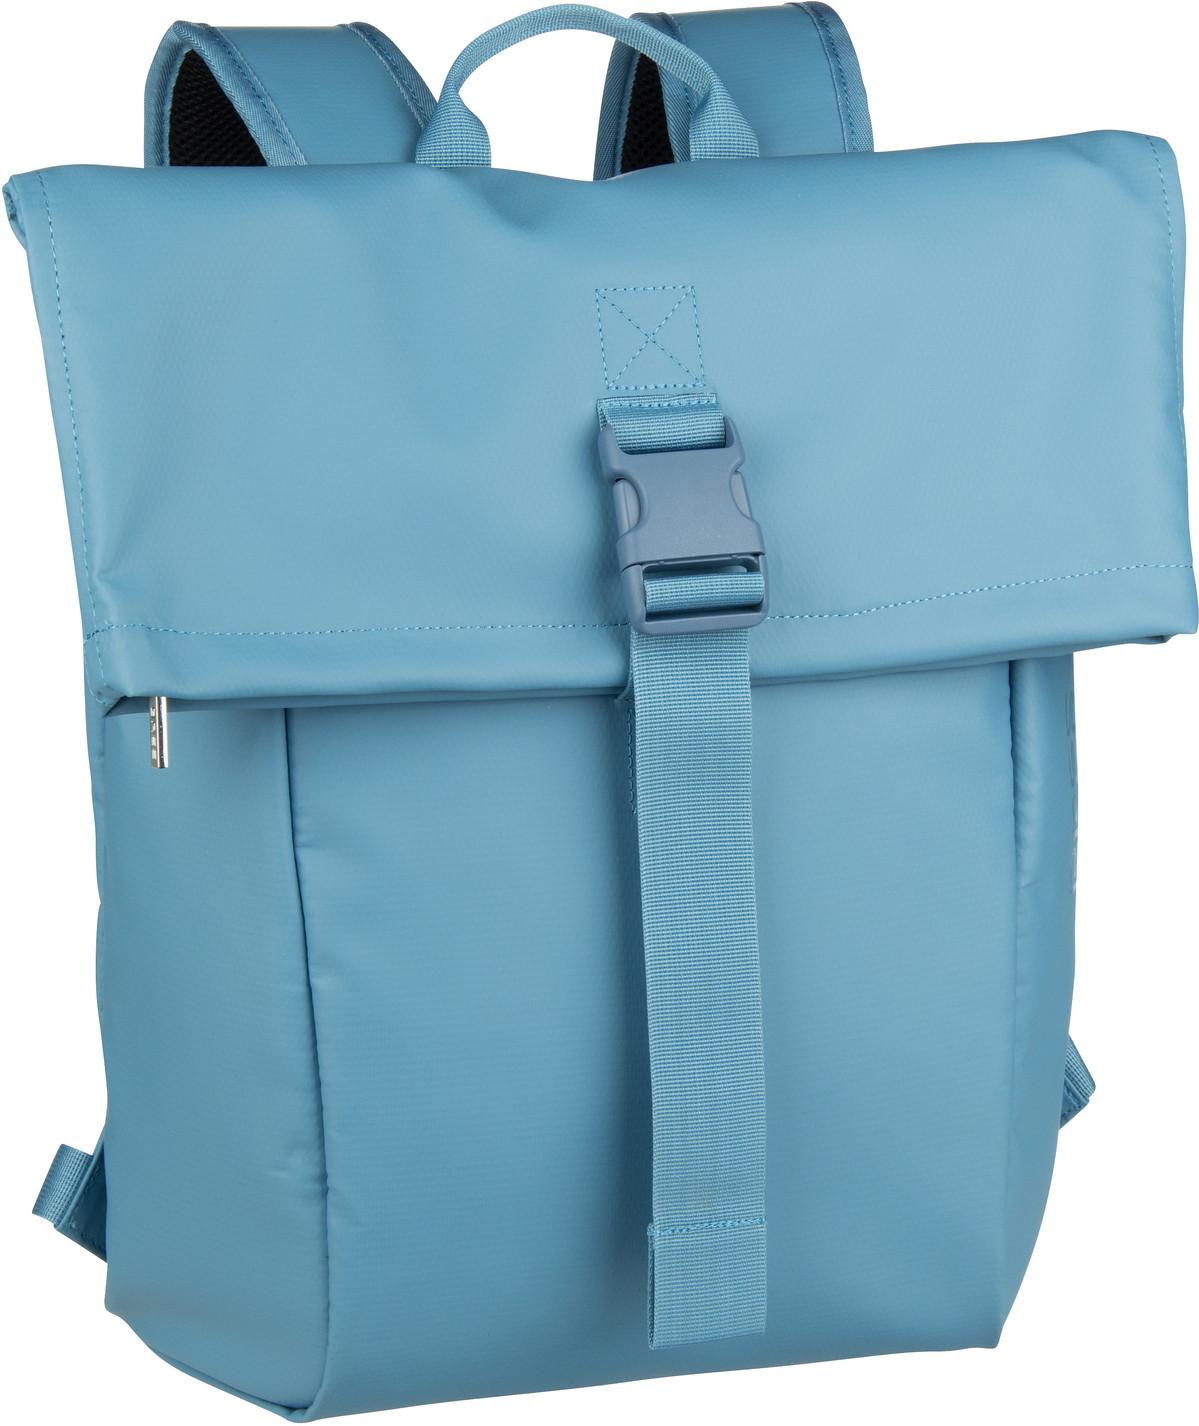 Rucksack / Daypack Punch 92 Provencal Blue (innen: Grau) (13 Liter)